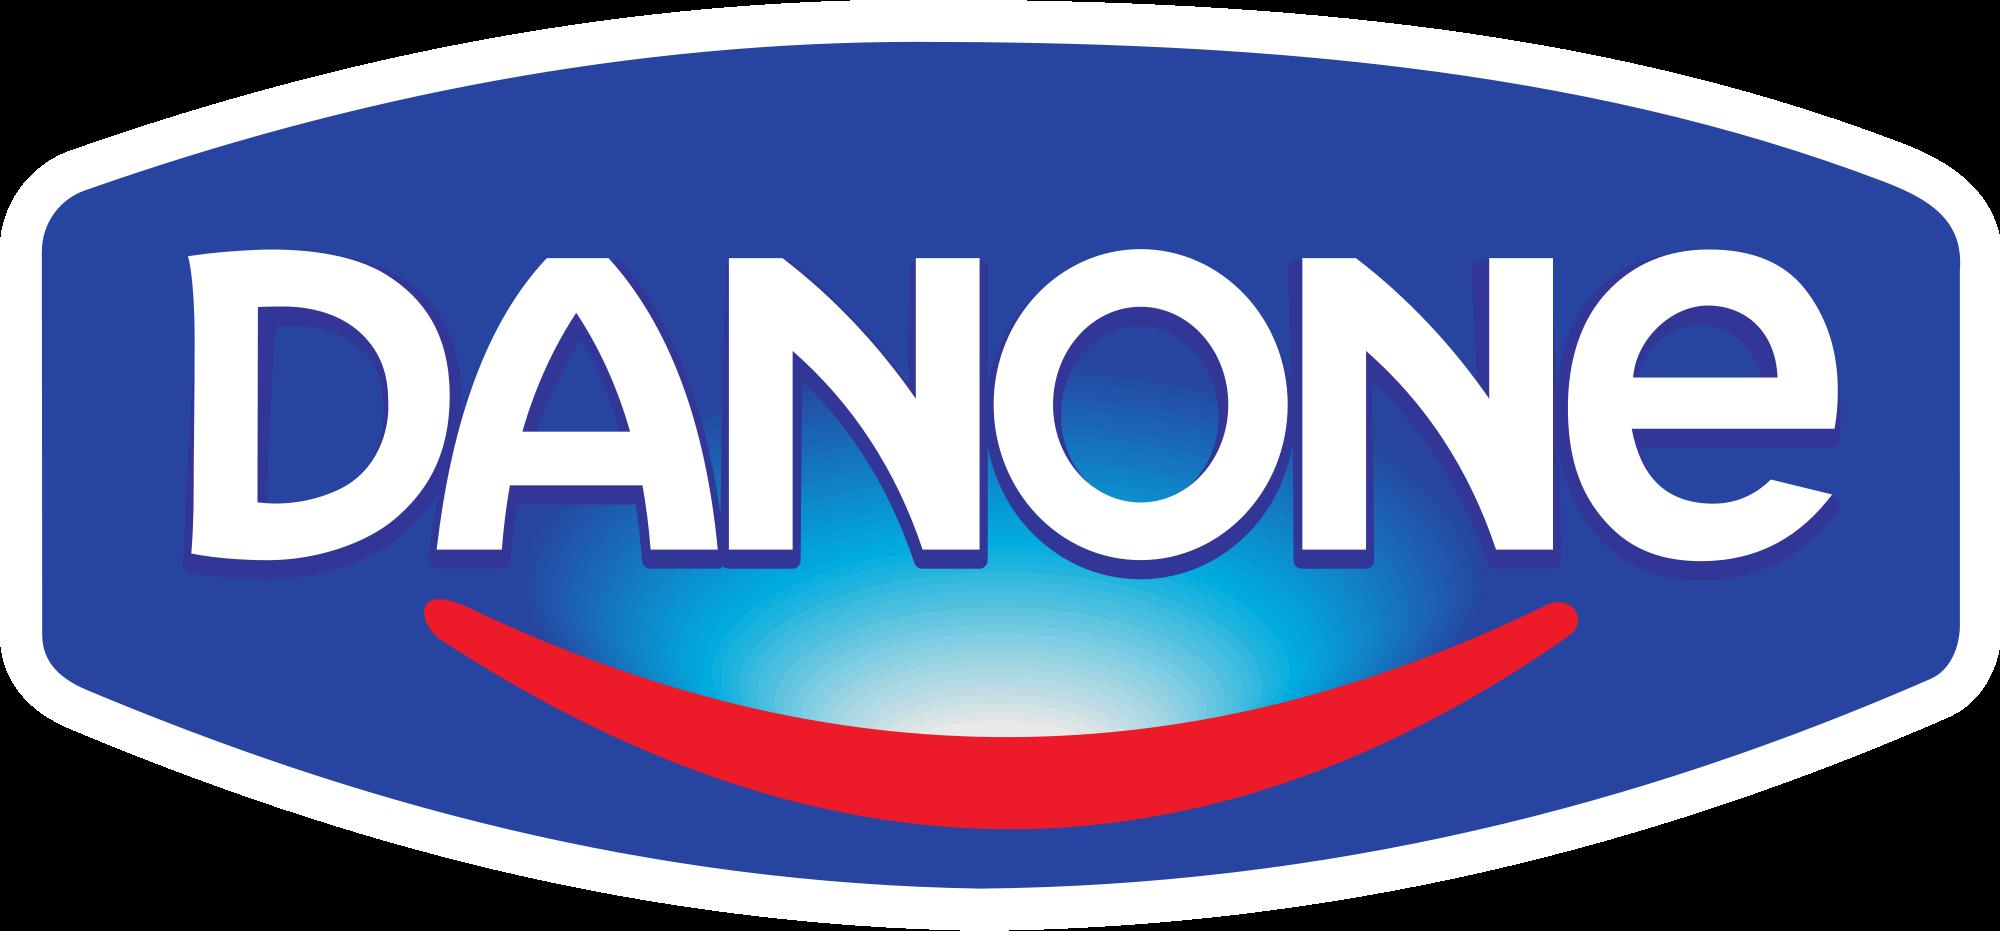 (Polski) Danone